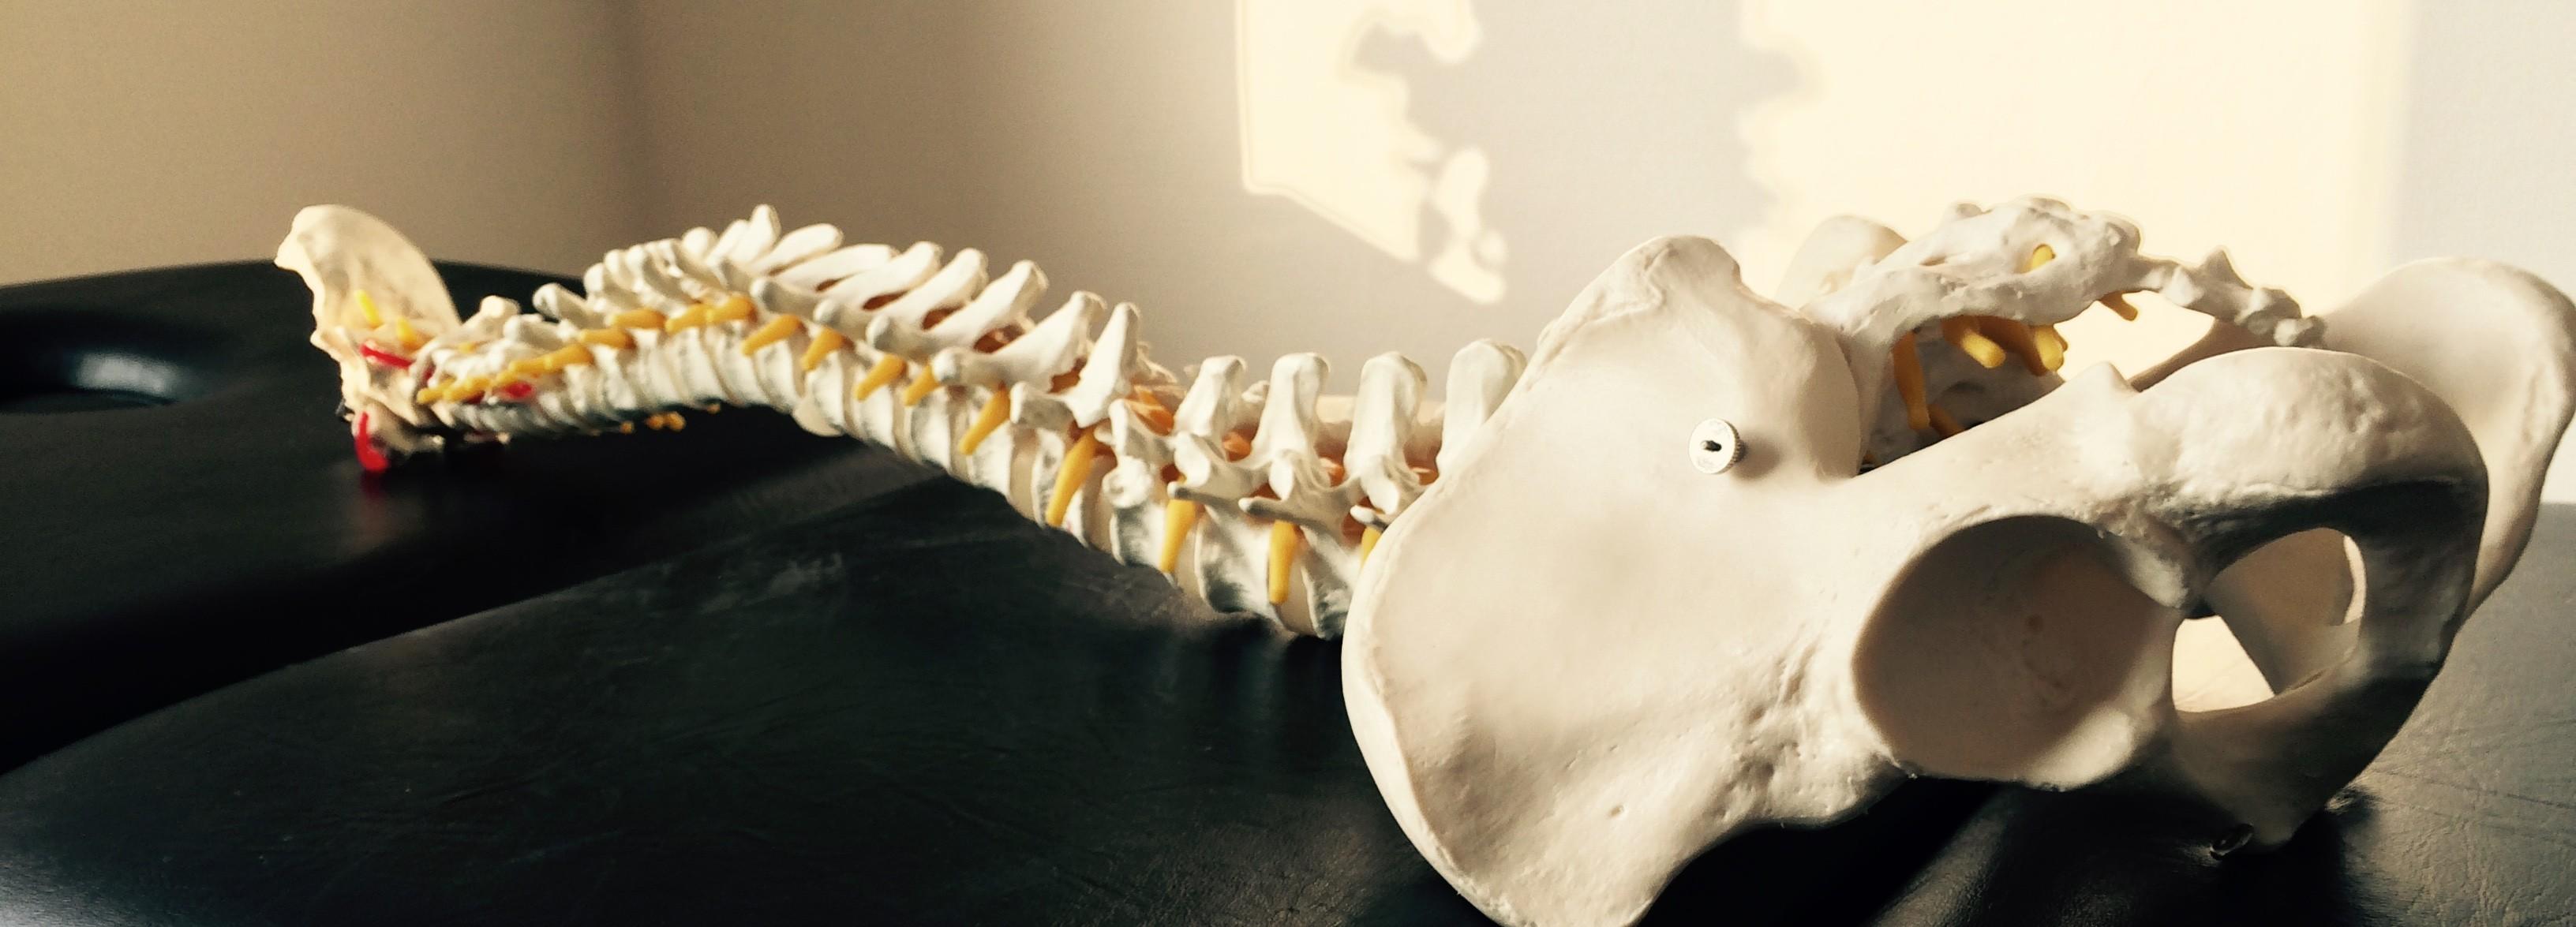 arvæv efter operation i ryggen